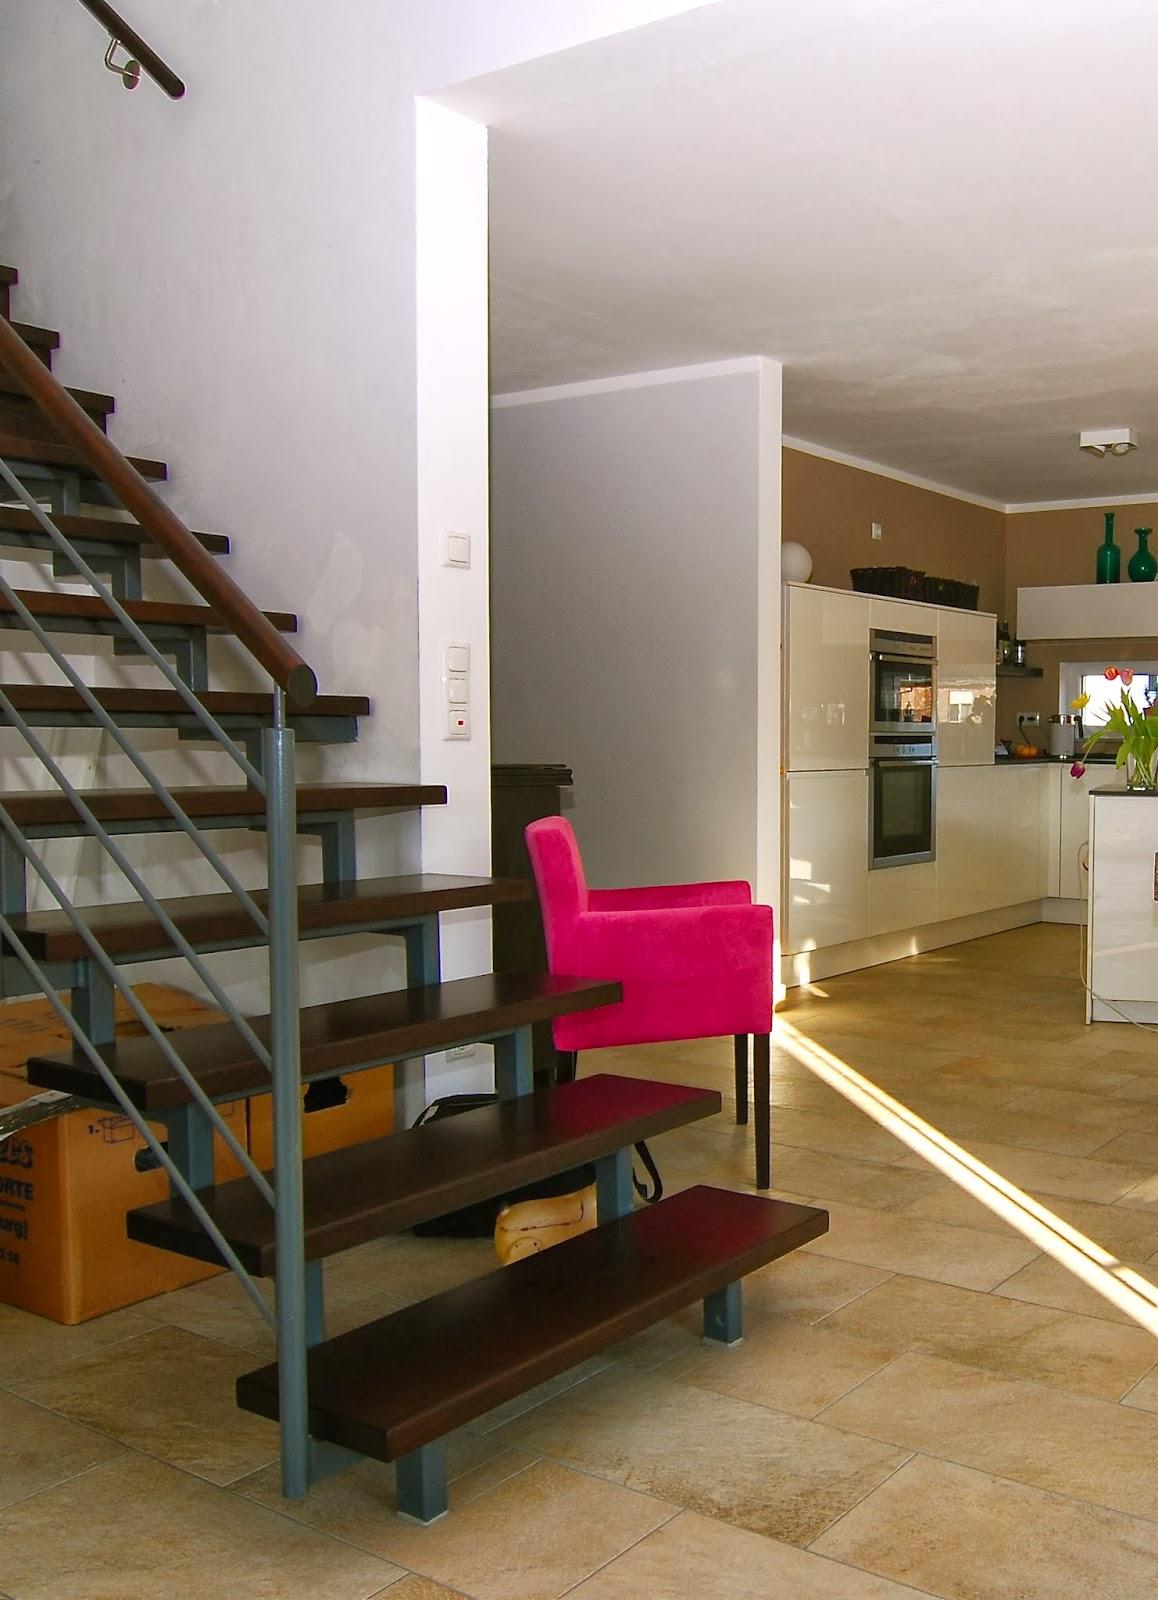 nurda im domherrengarten fast 4 wochen nach einzug. Black Bedroom Furniture Sets. Home Design Ideas